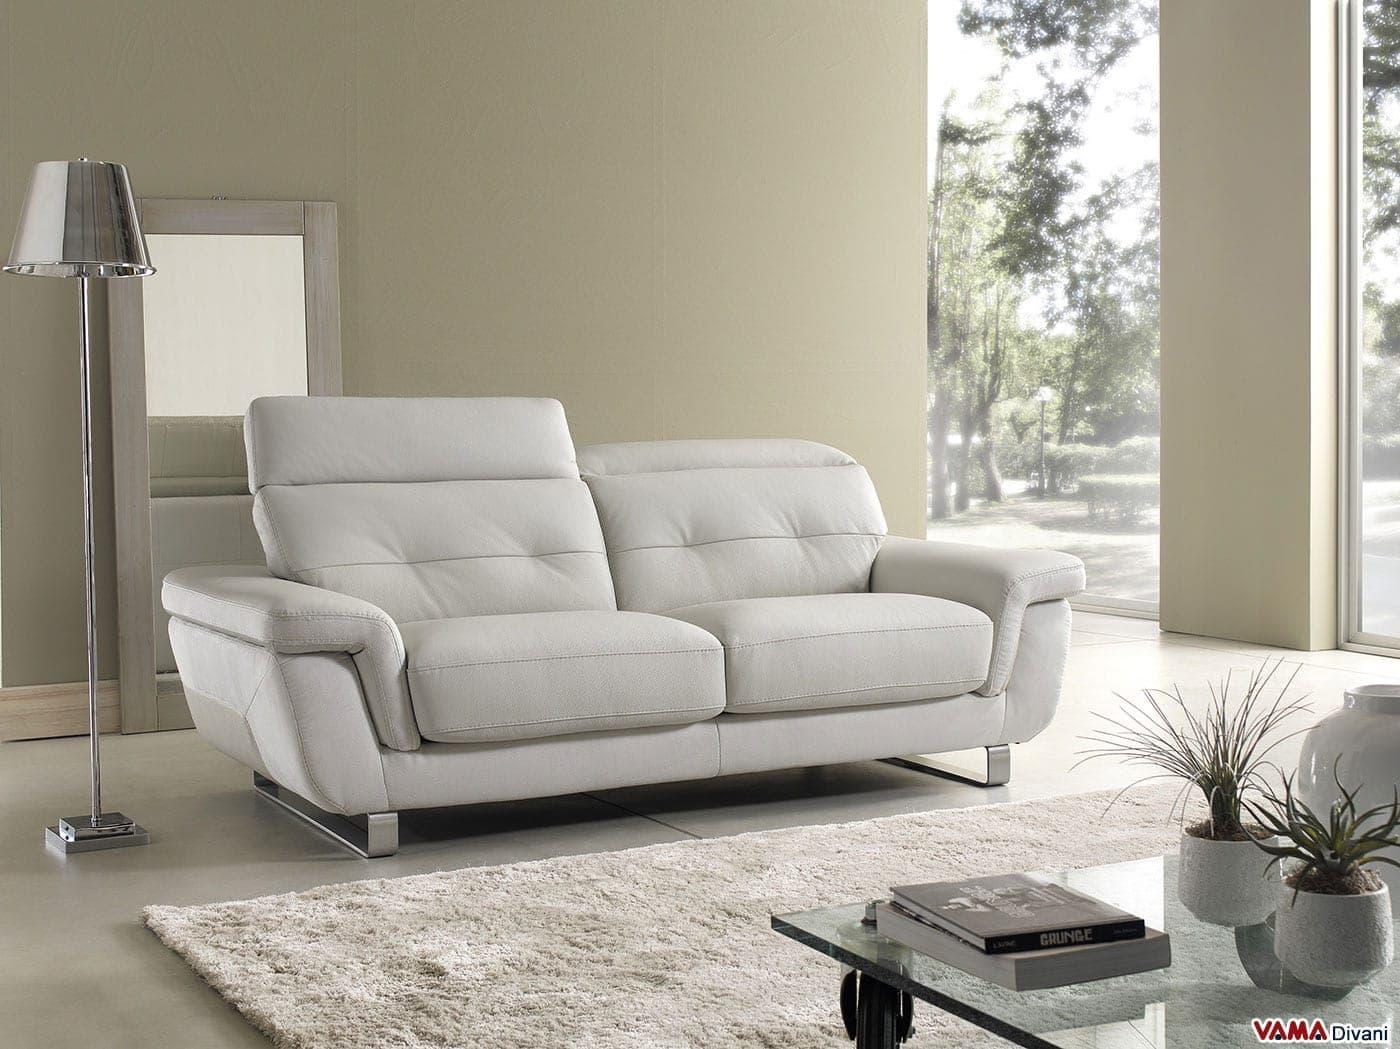 Divano moderno in pelle con poggiatesta reclinabili - Divano bianco in pelle ...